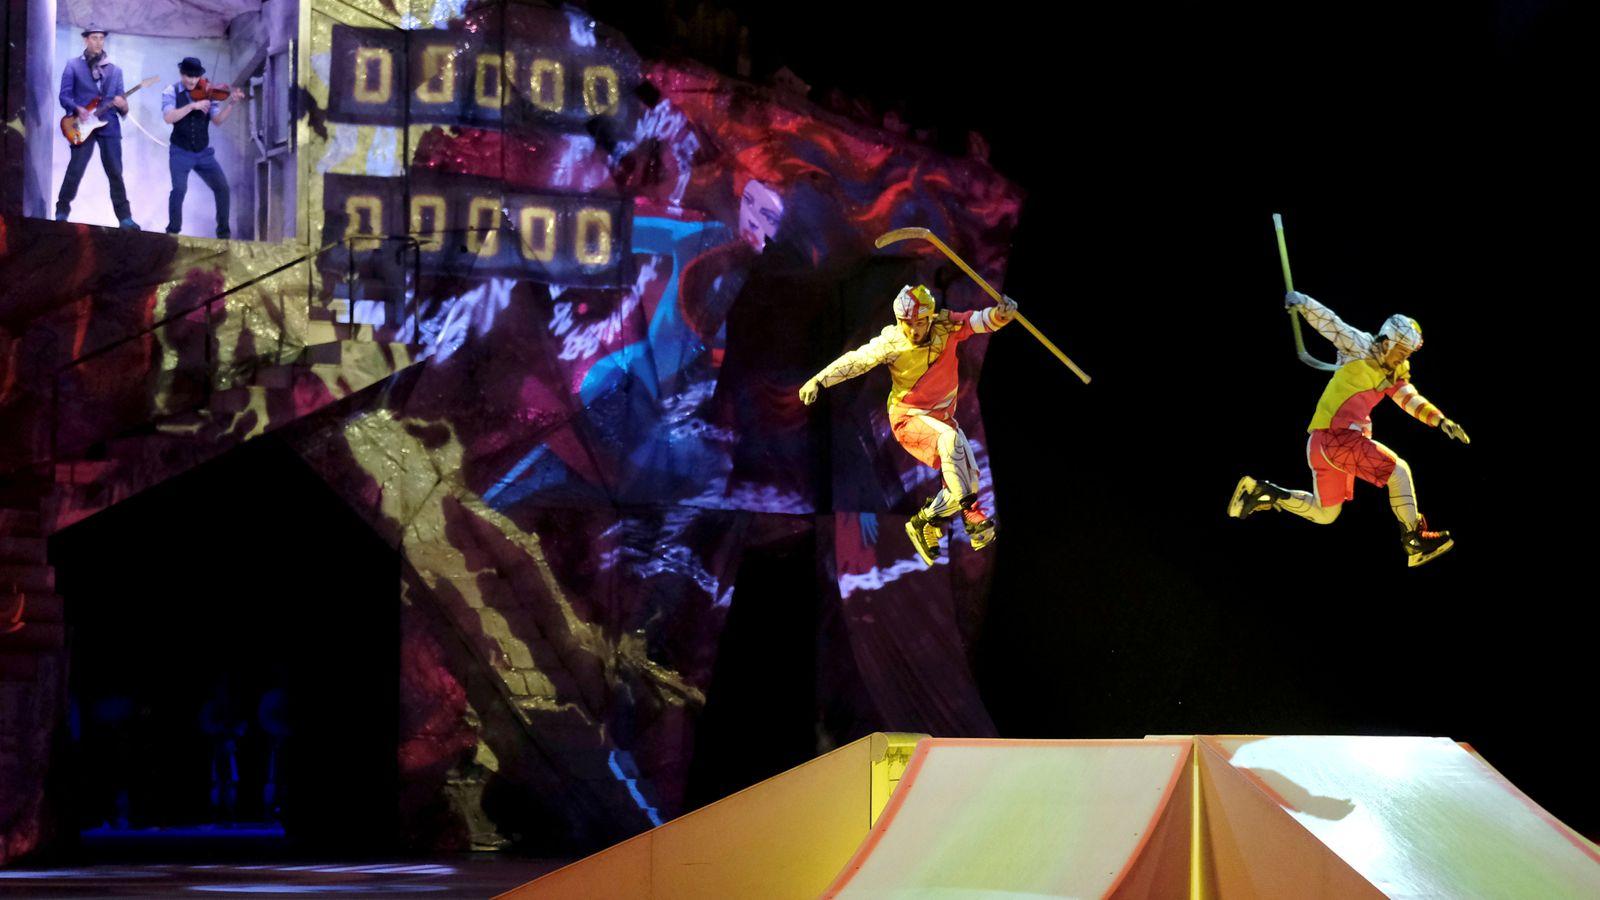 Coronavirus: Cirque du Soleil axes 3,480 jobs thumbnail